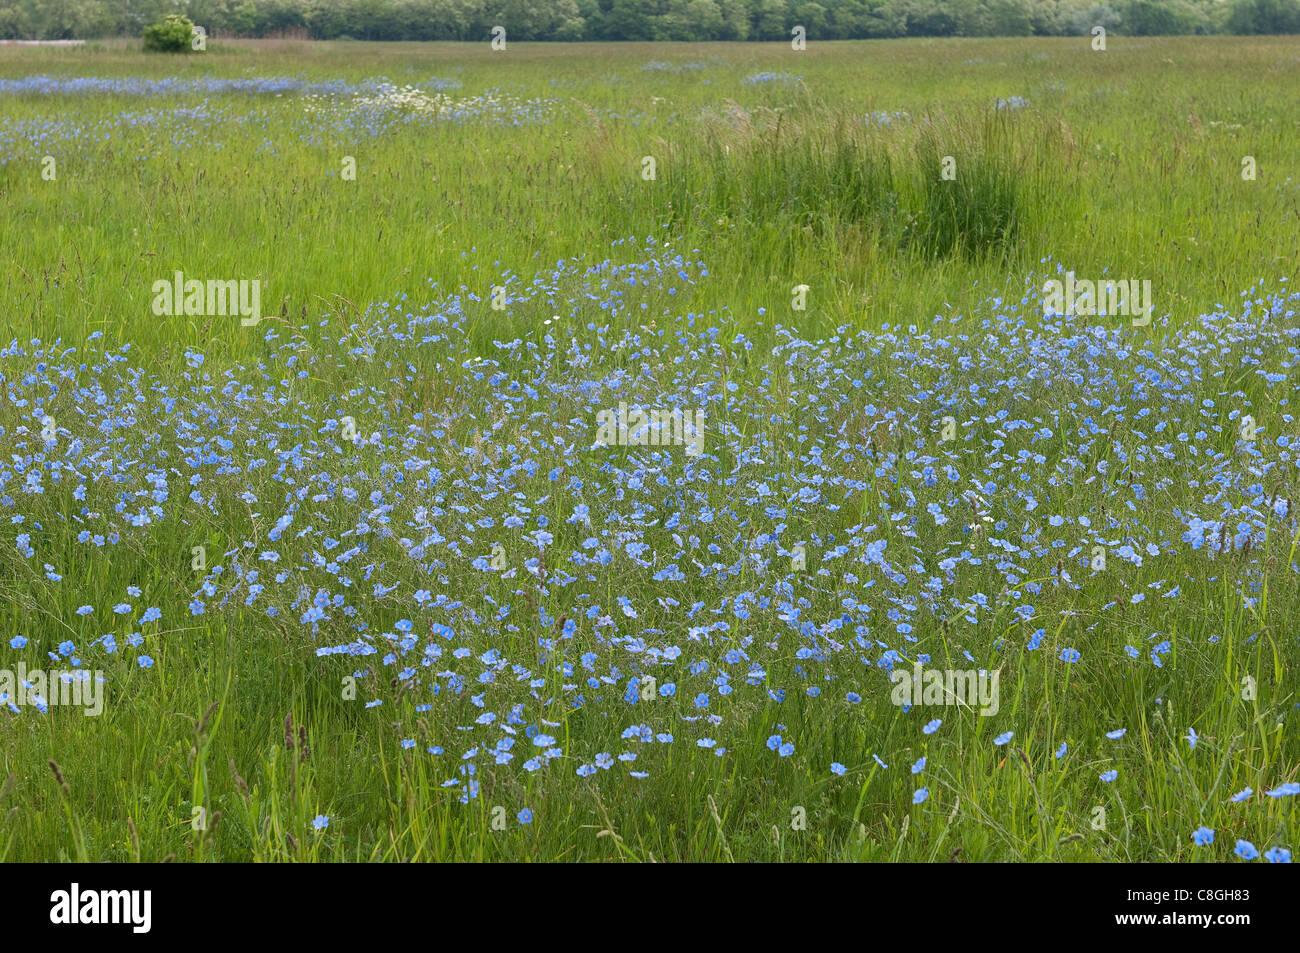 Asian Flax (Linum austriacum), flowering. - Stock Image